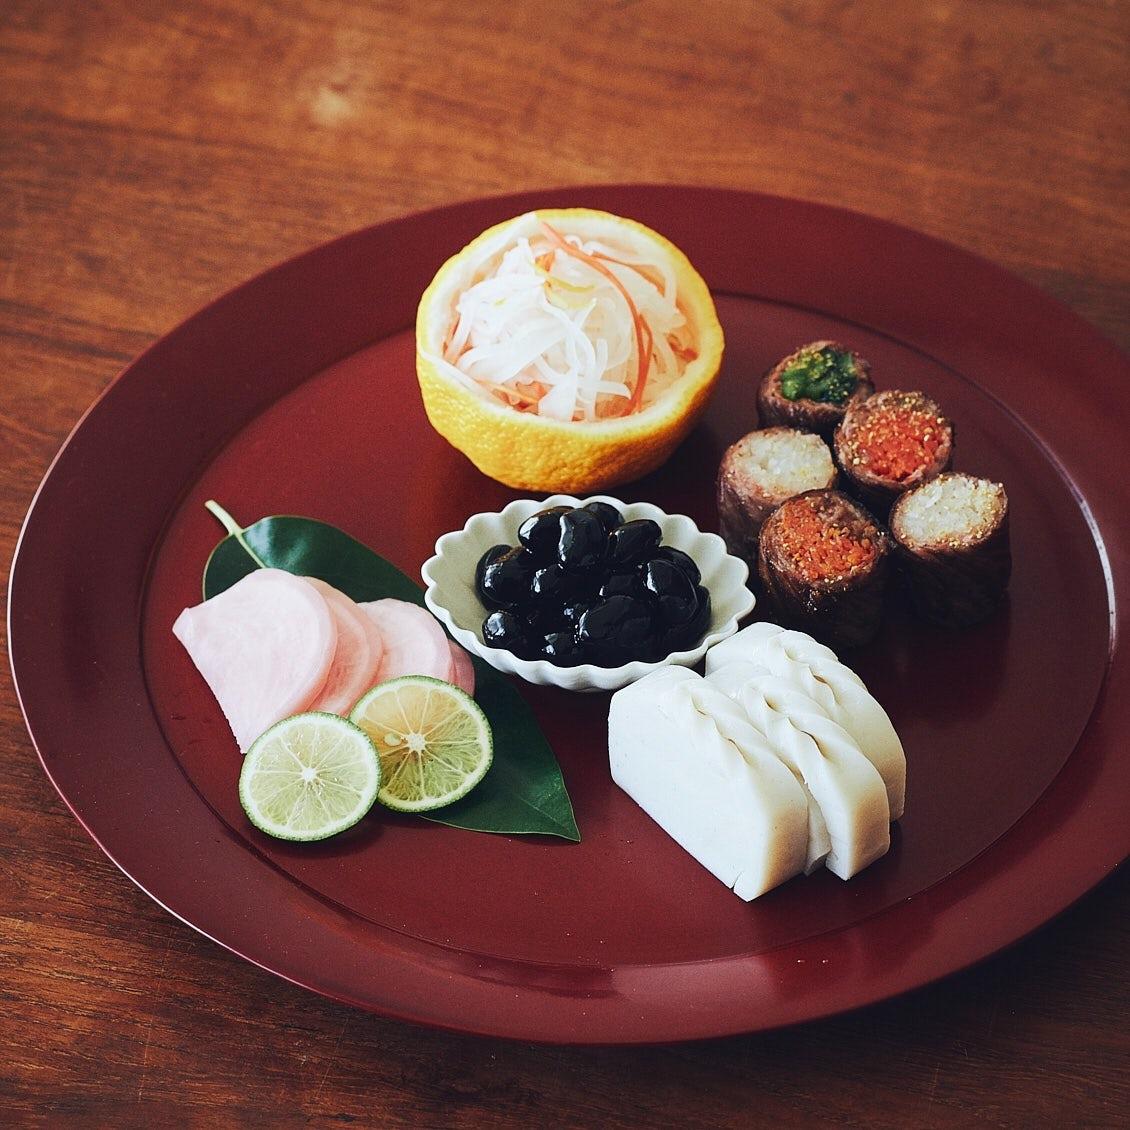 【おせちは大晦日から】第3話:お重がなくてもOK。いつものお皿でお正月らしく盛り付けるコツ